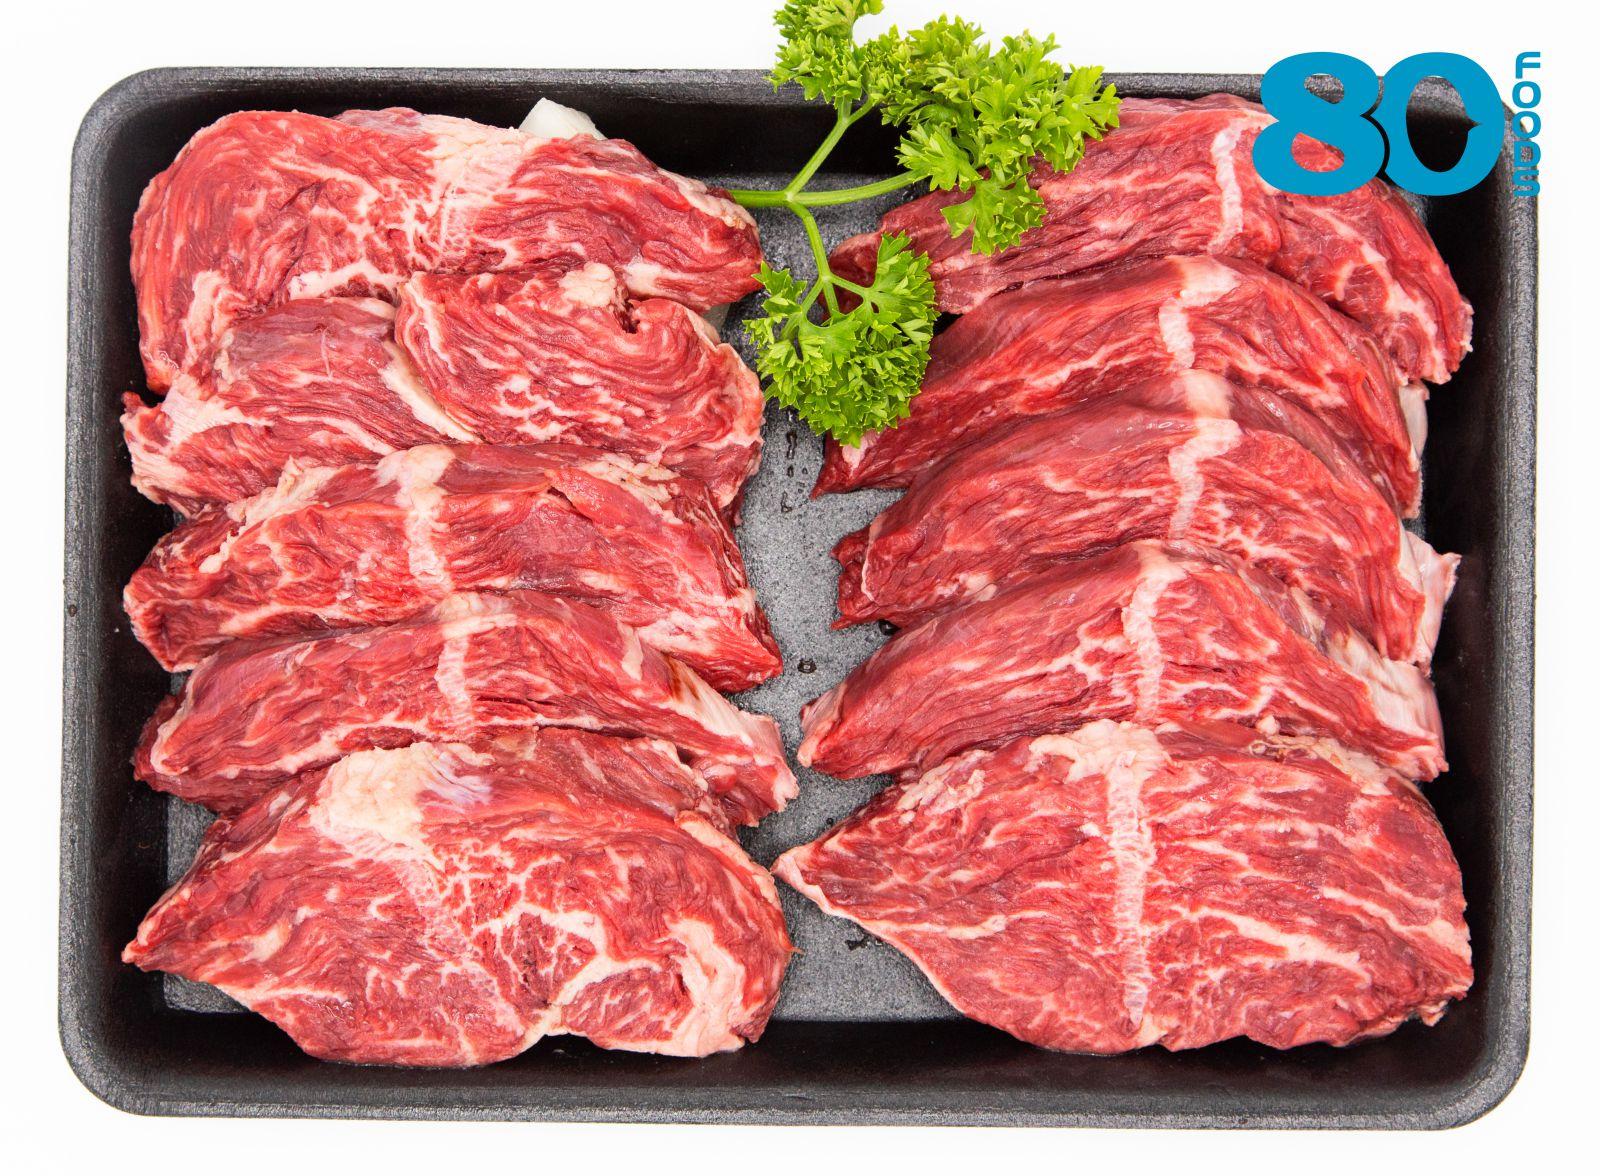 Lõi vai non bò Mỹ cắt nướng (350gram)